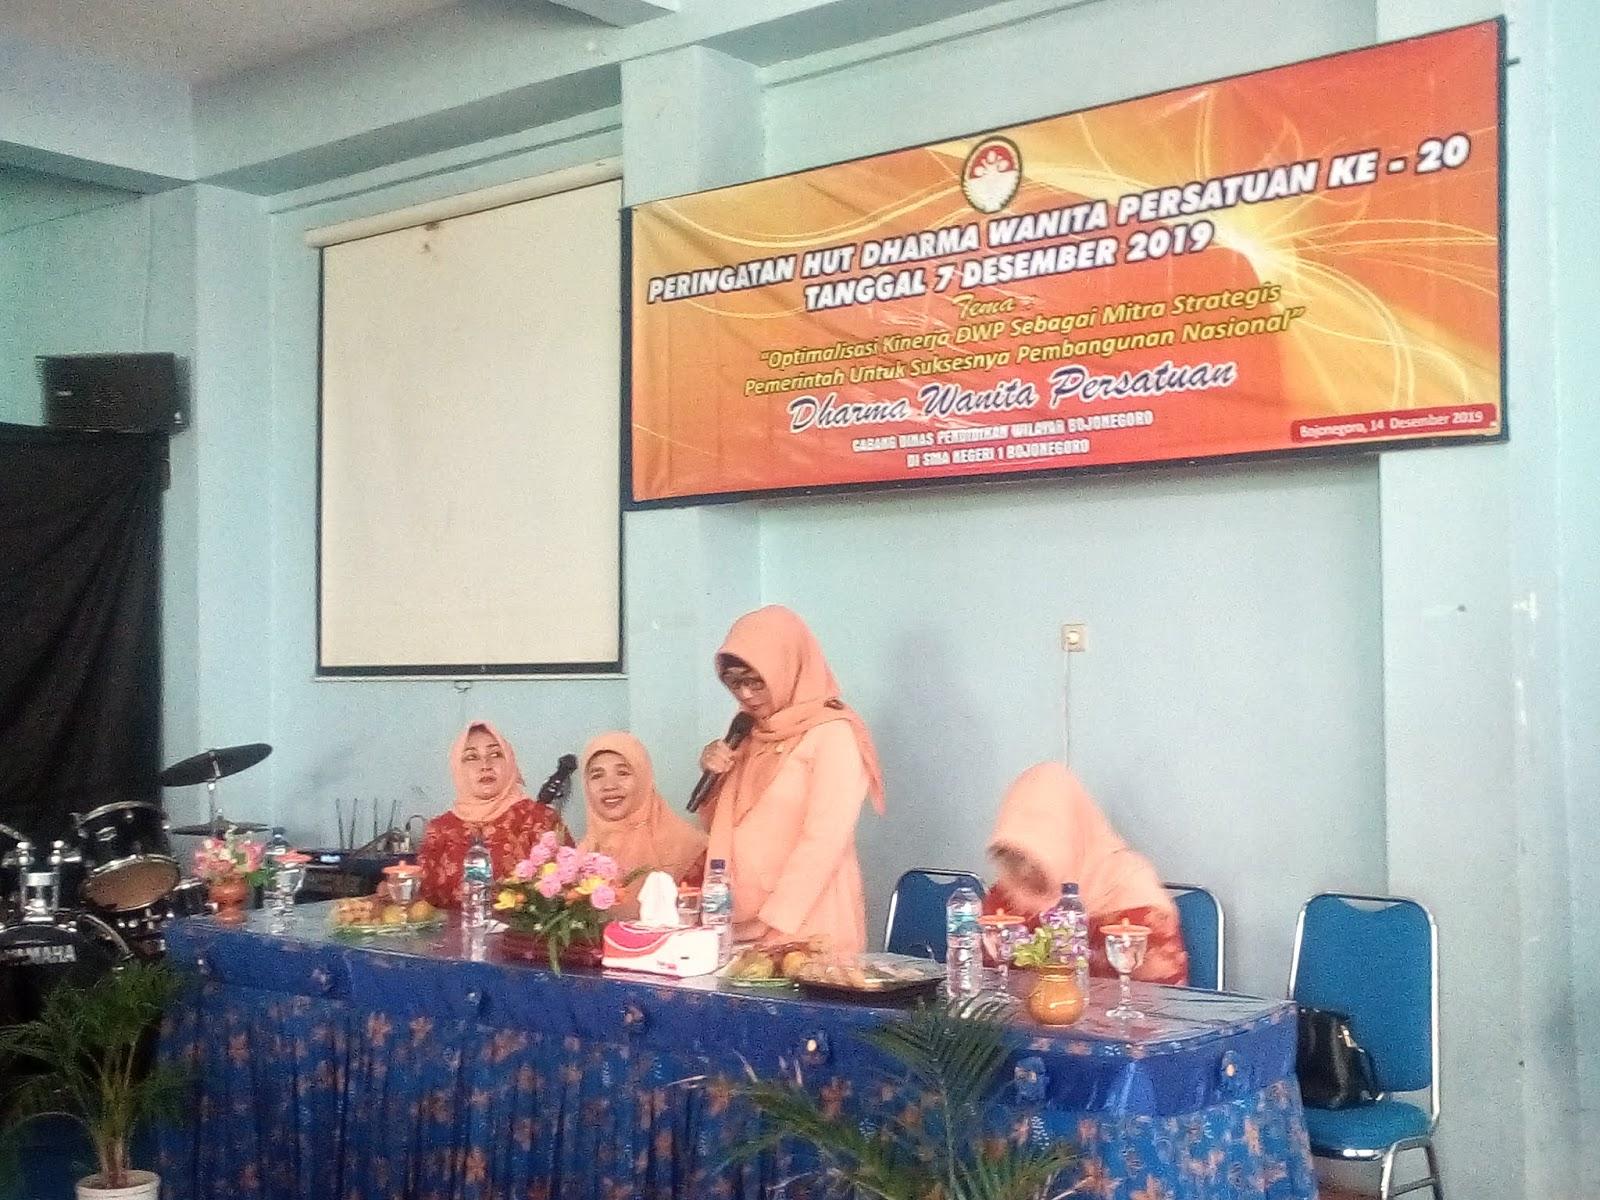 Dharma Wanita Persatuan